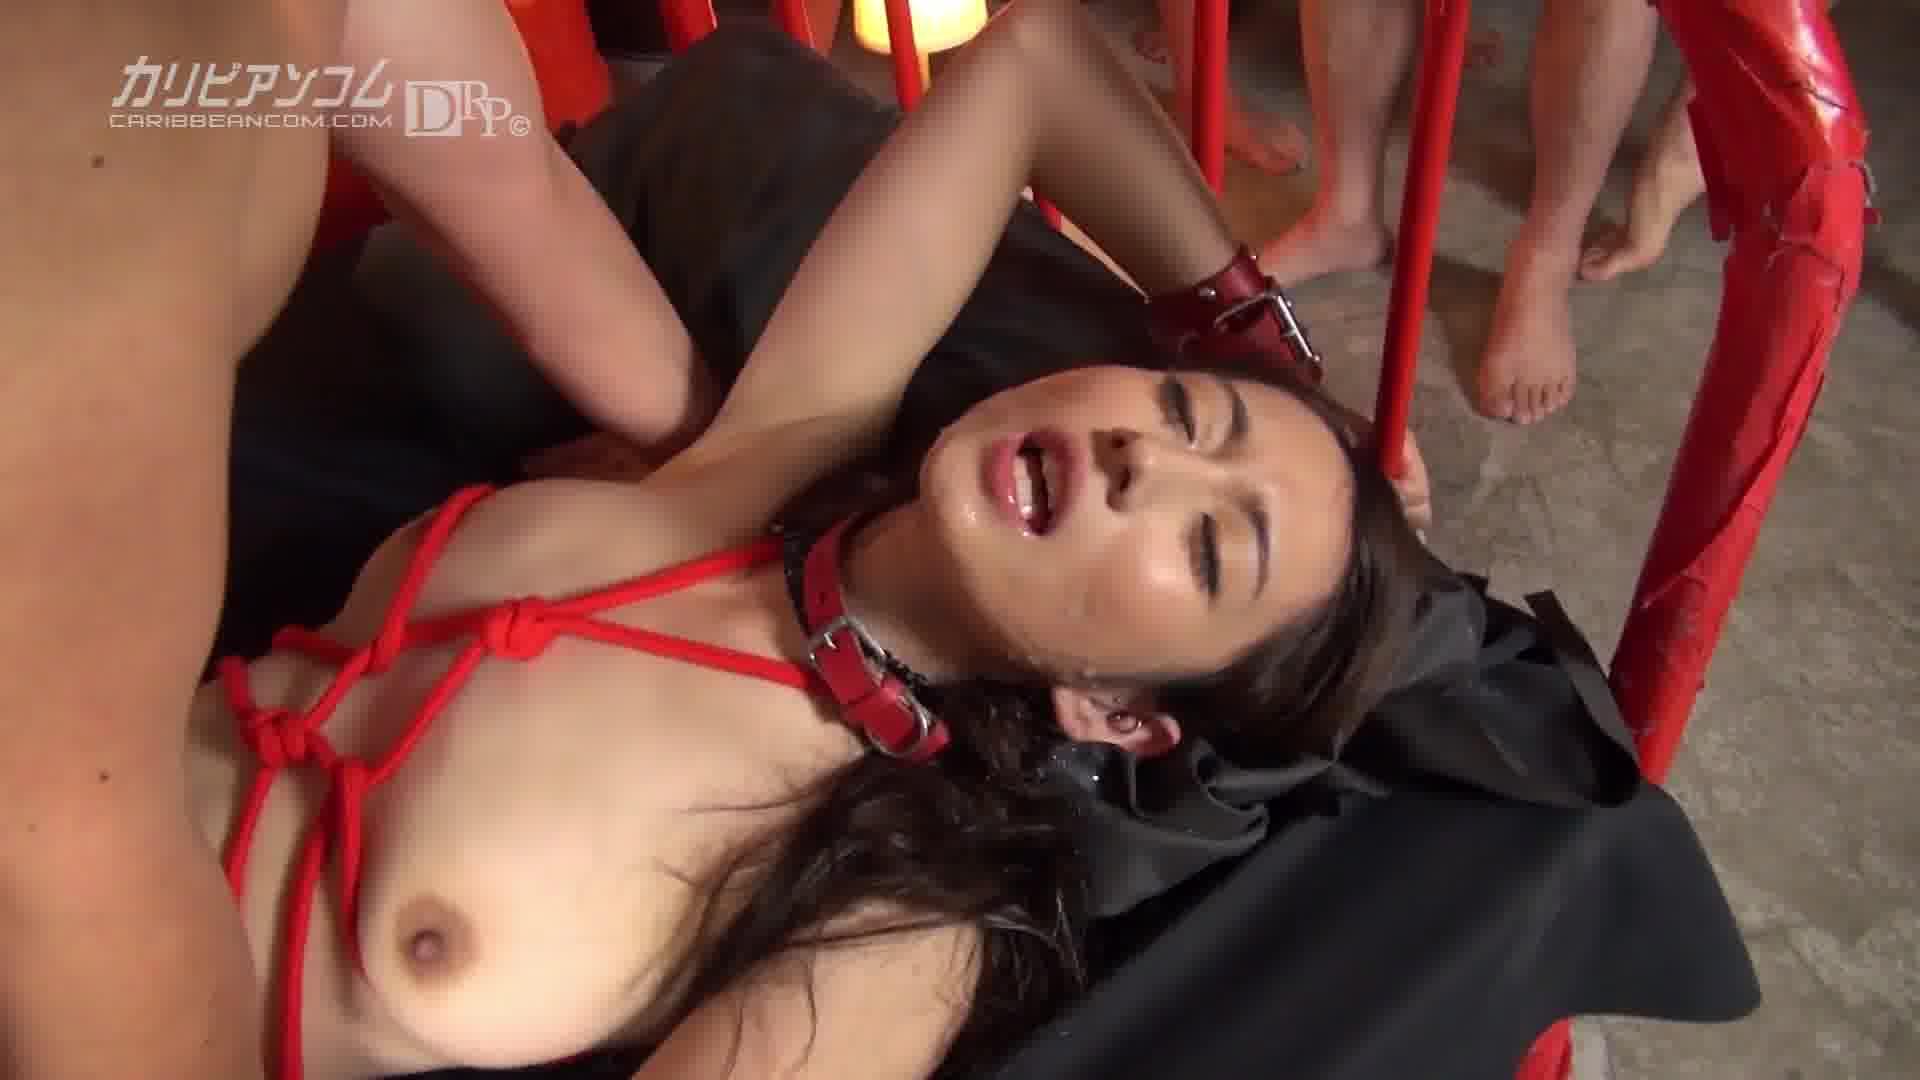 獄畜16 ~美女の恥肉塊~ - 音羽レオン【バイブ・ハード系・イラマチオ】